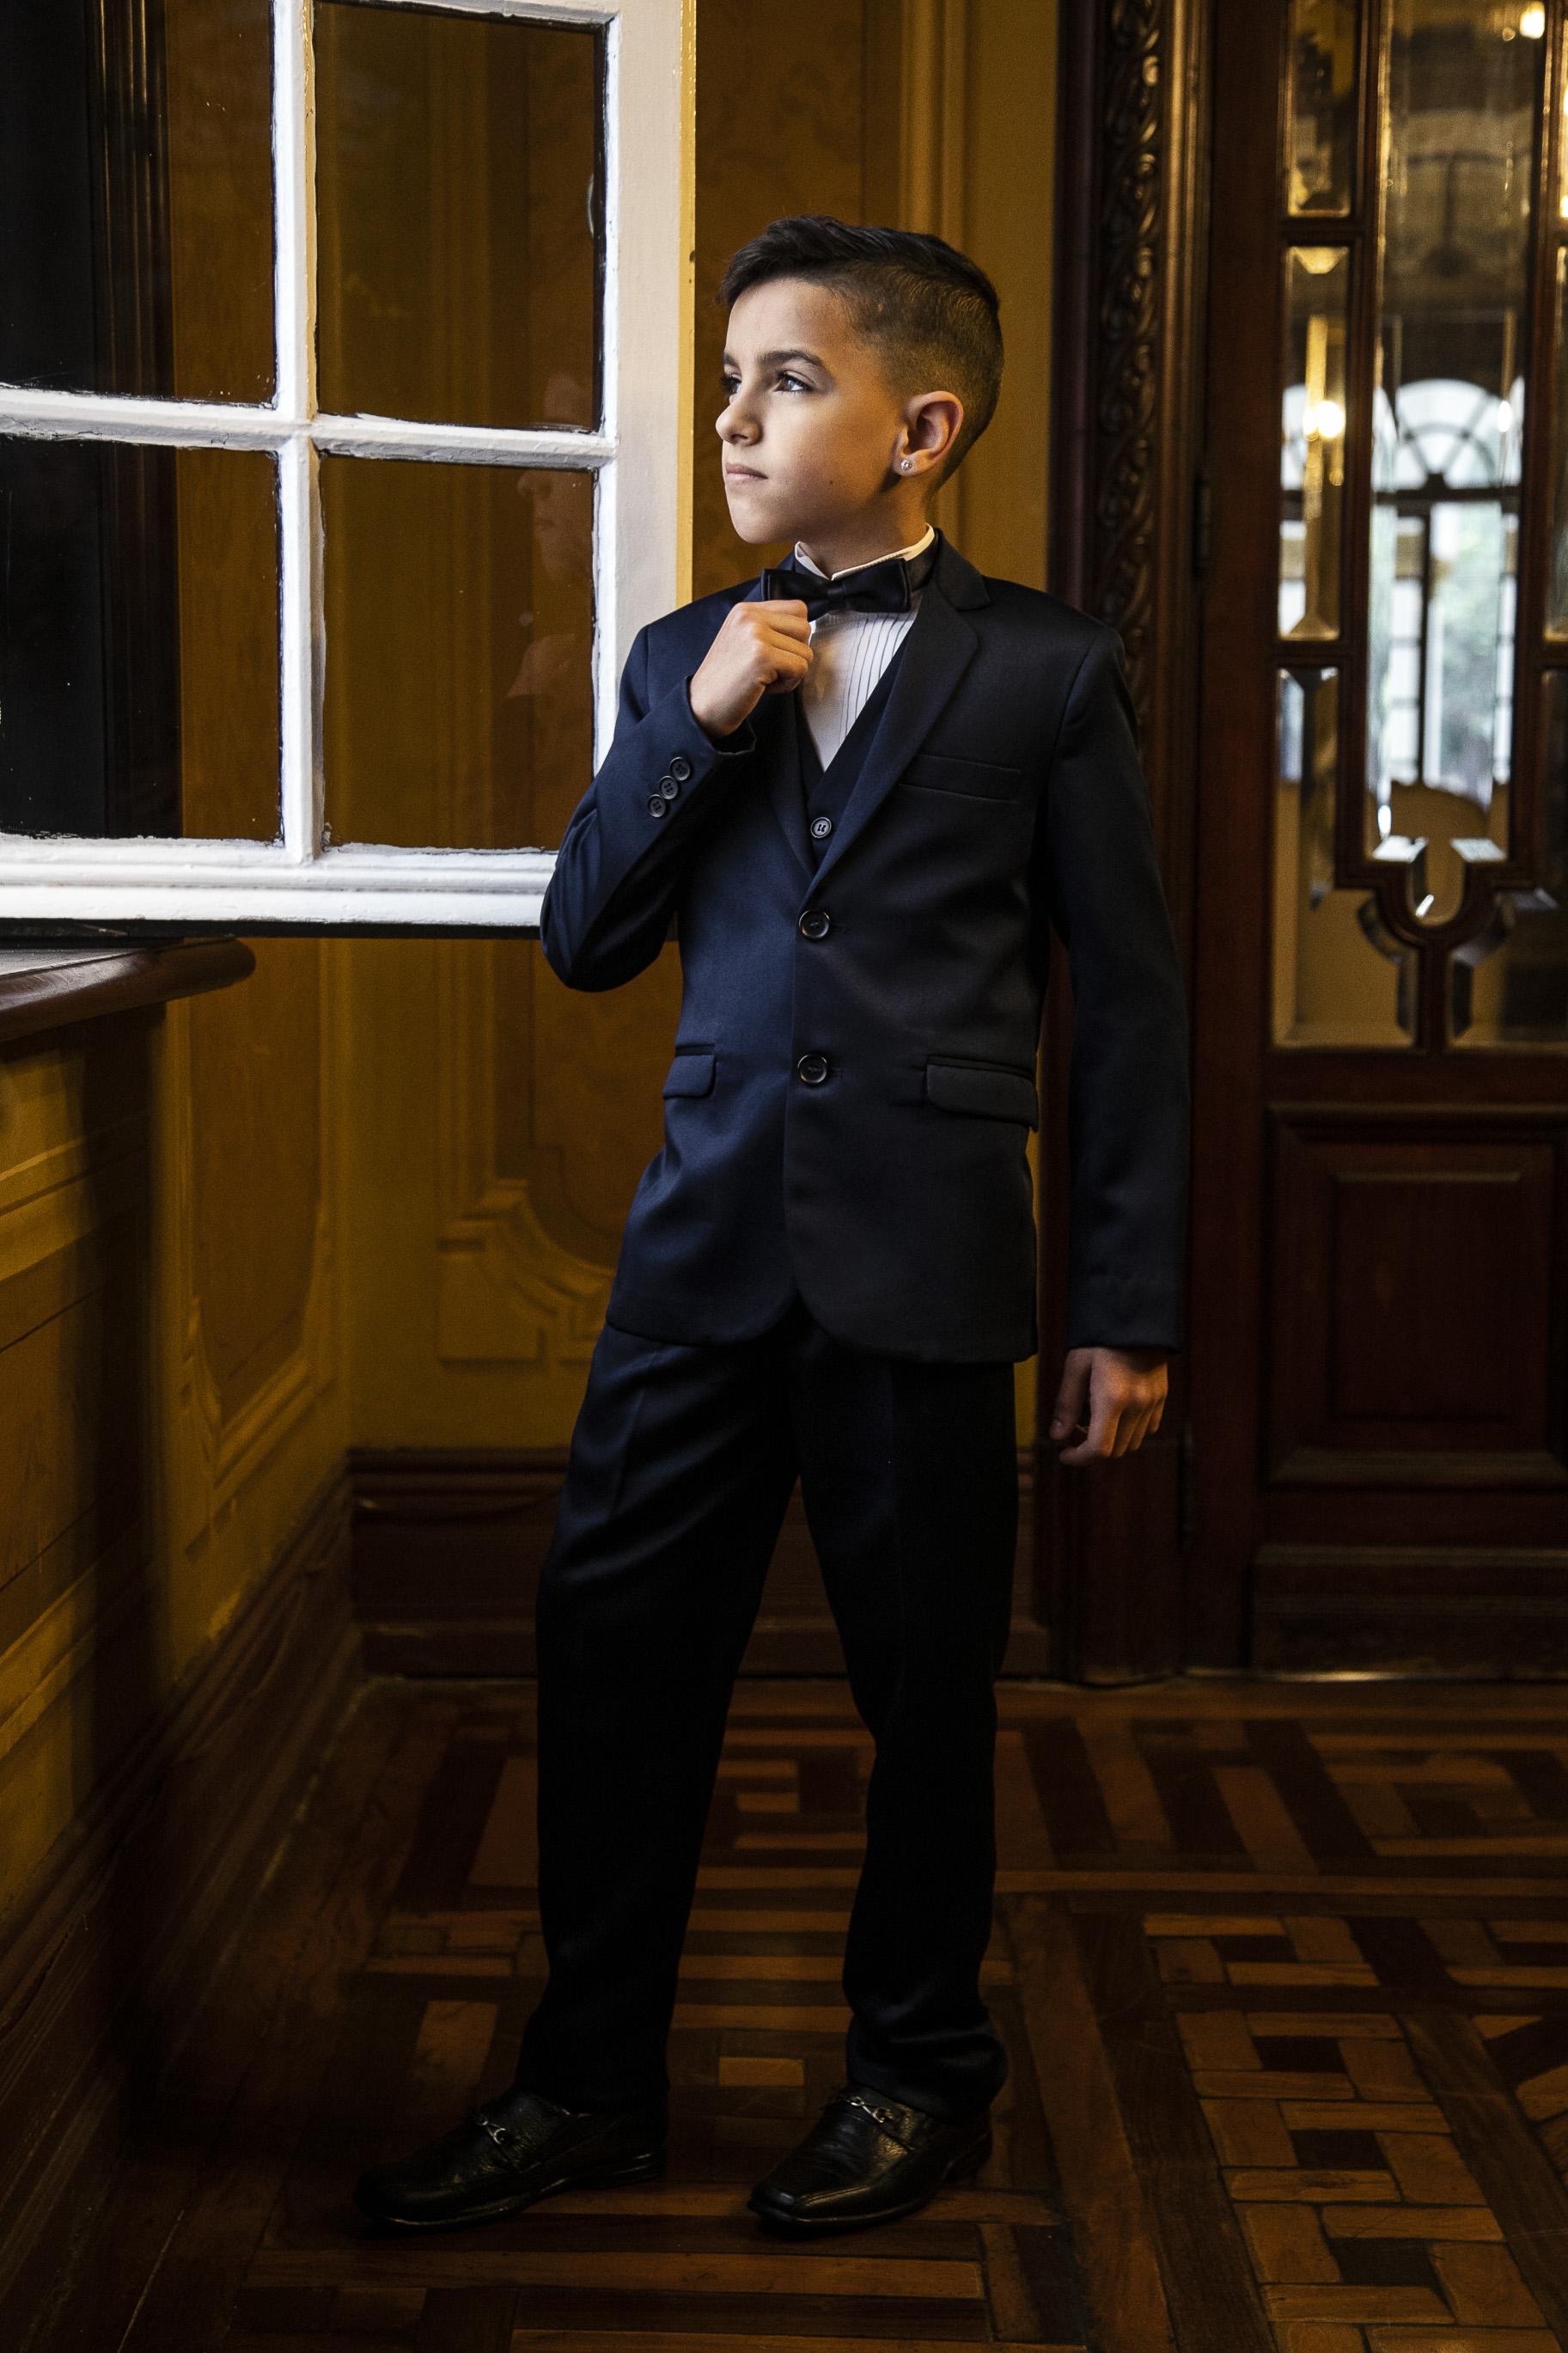 18 - Terno azul marinho e gravata borboleta para pajens